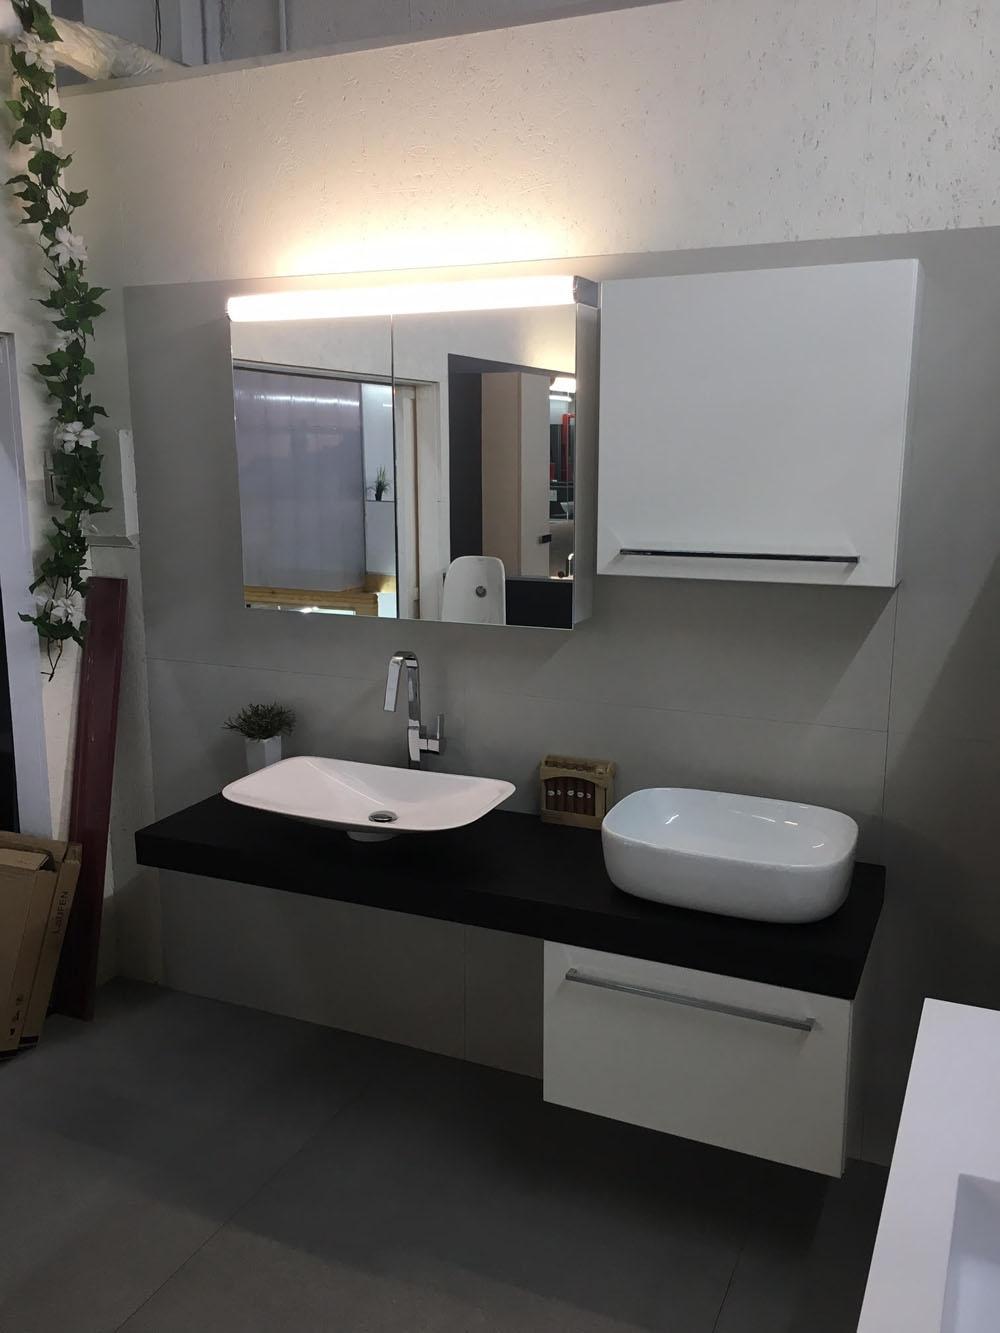 Mobile bagno moderno arteba scontato del 48 arredo for Mobile bagno moderno sfalsato